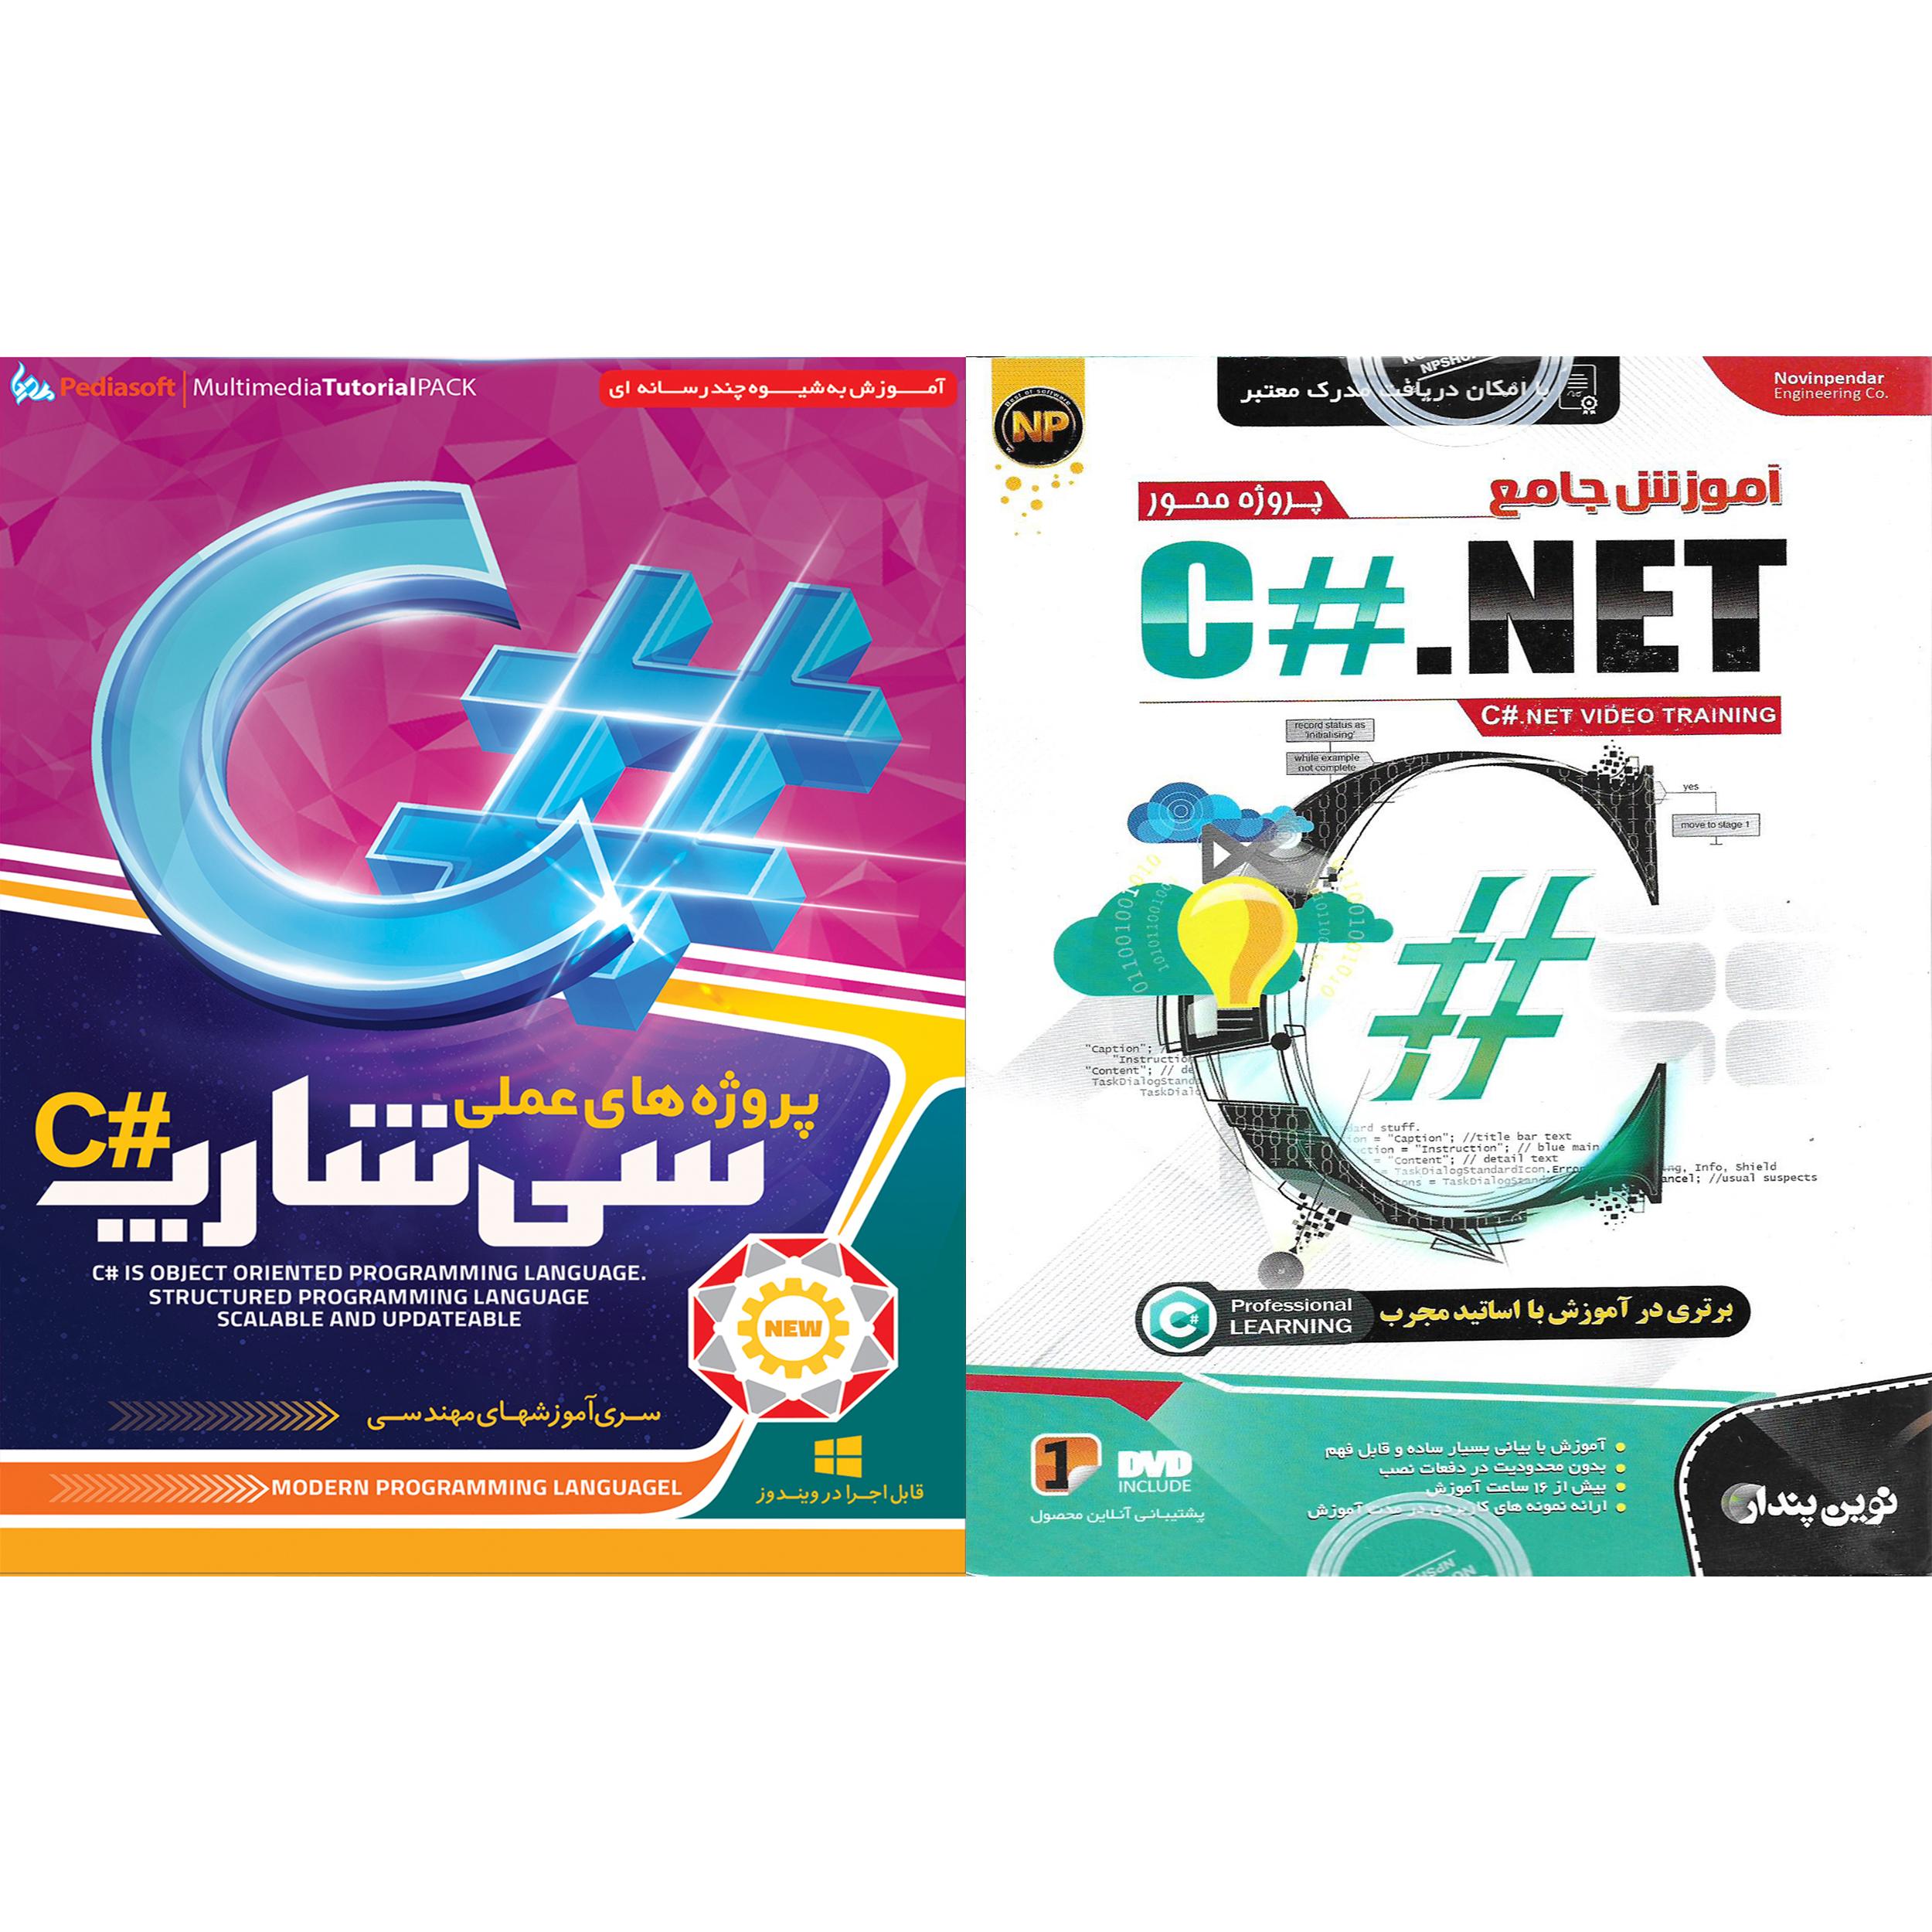 نرم افزار آموزش پروژه محور C#.NET نشر نوین پندار به همراه نرم افزار آموزش پروژه های عملی سی شارپ #C نشر پدیا سافت